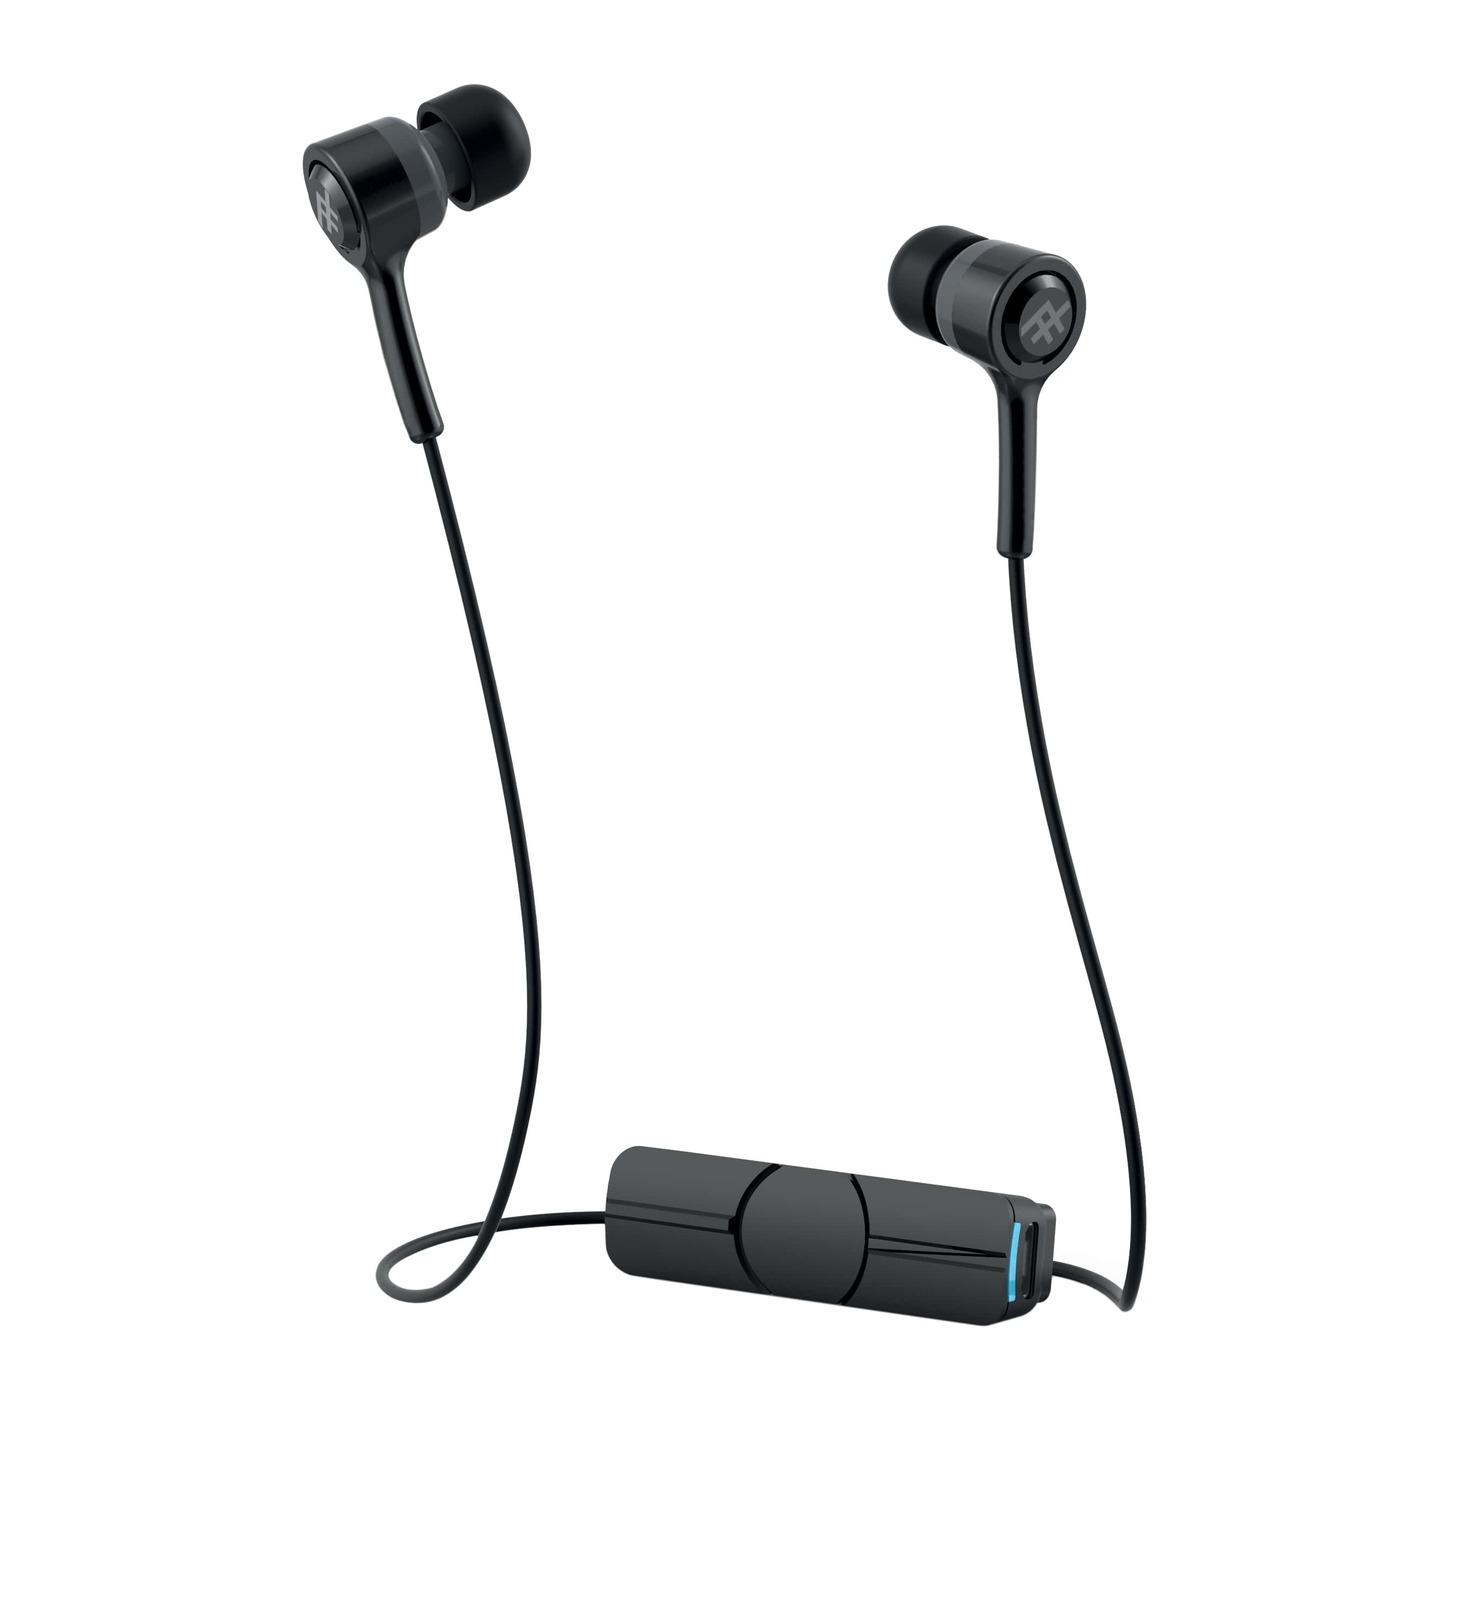 iFrogz: Coda Wireless Earbuds - Black image